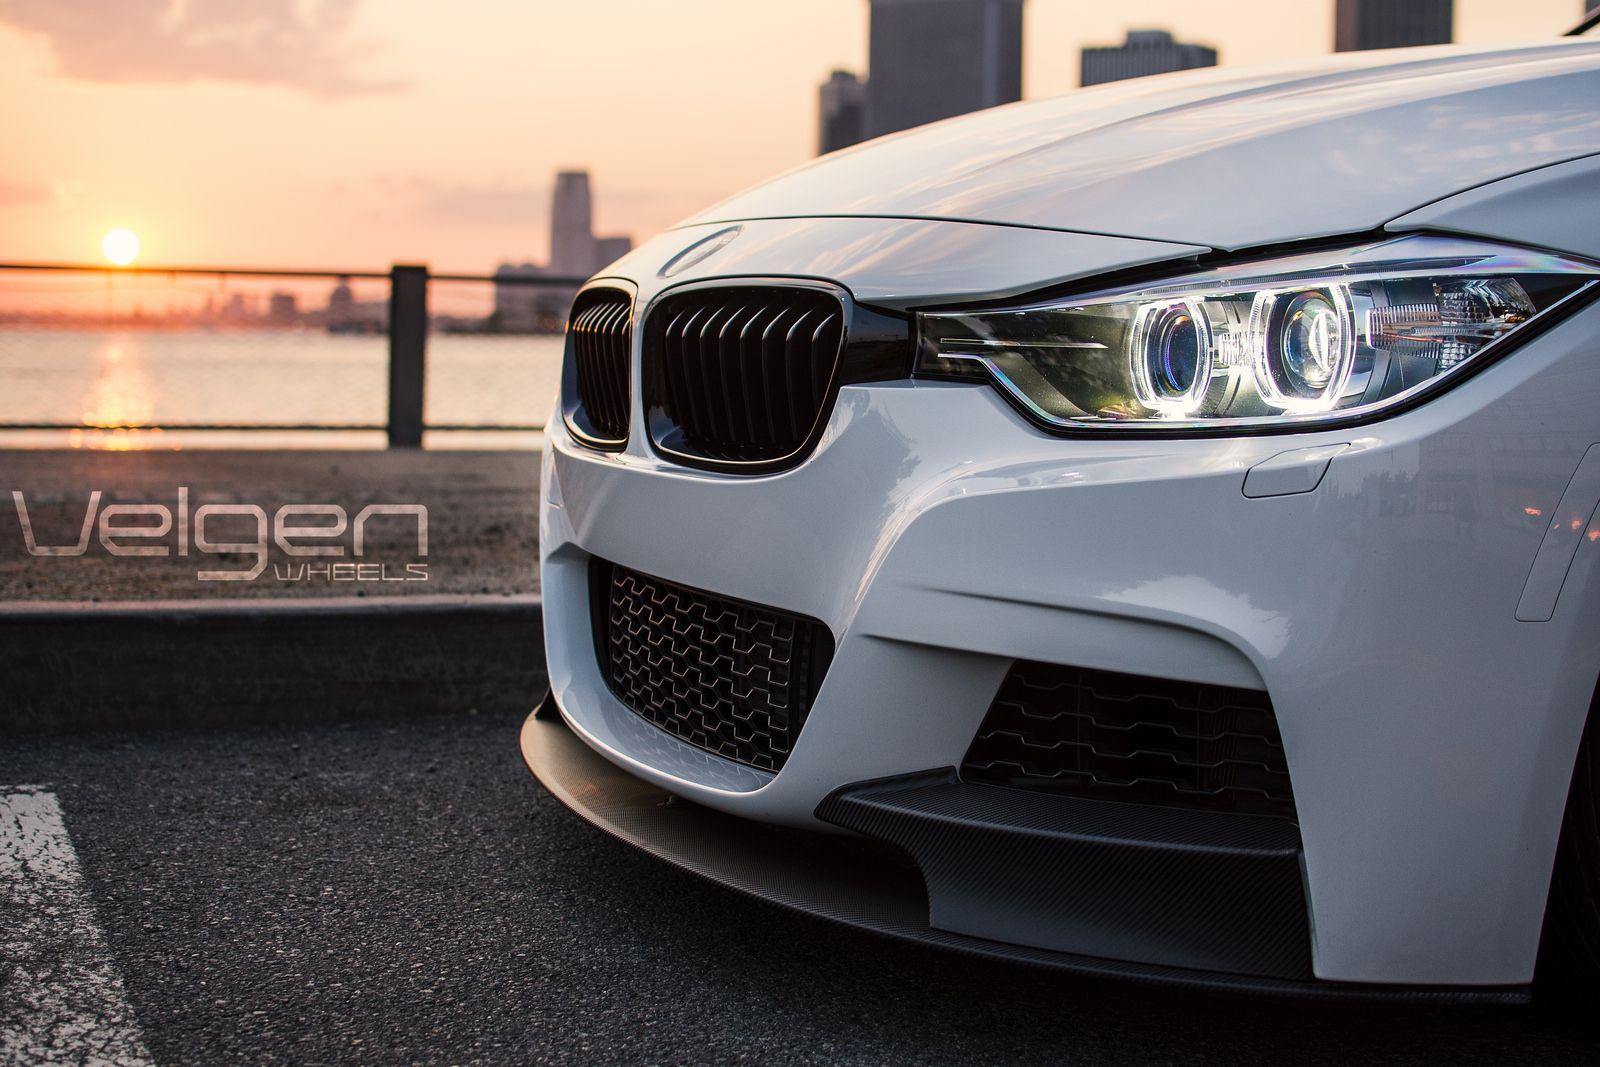 BMW F30 on Velgen Wheels VMB5 Bmw iphone wallpaper Volkswagen 1600x1067